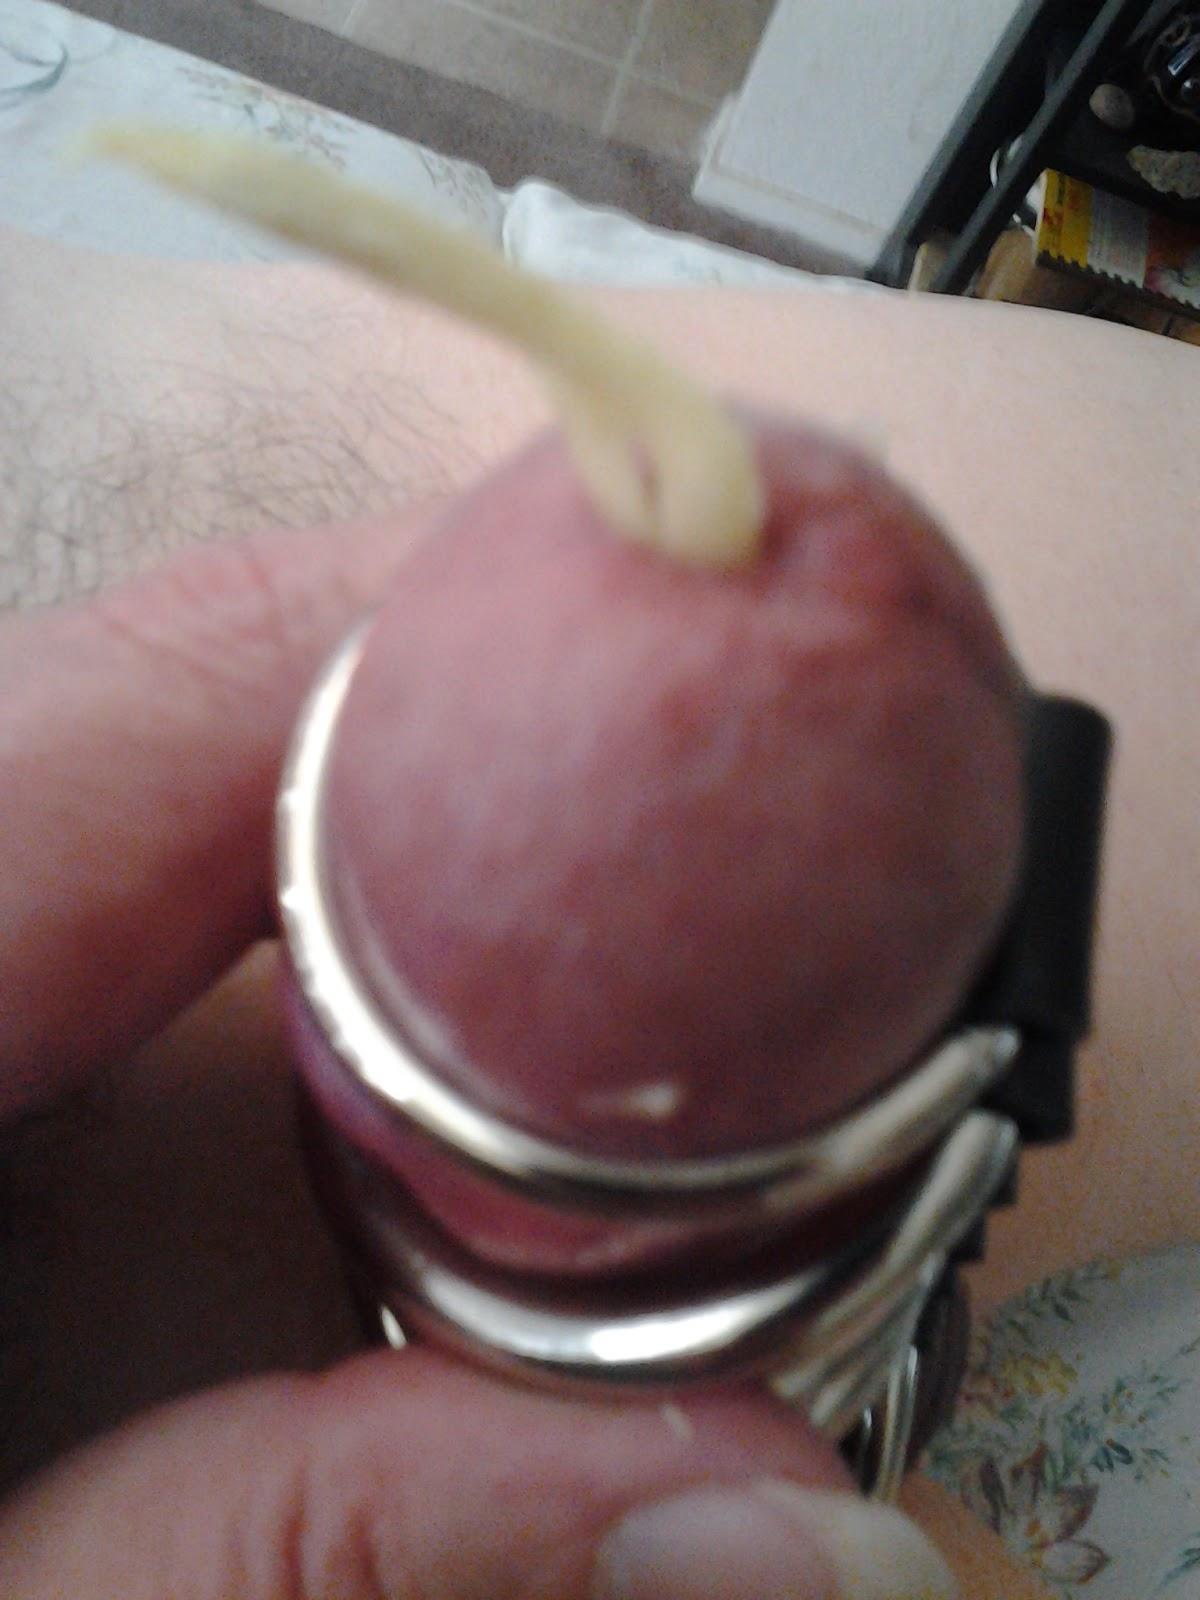 Grandes pênis gordos e pequenos de uma foto.